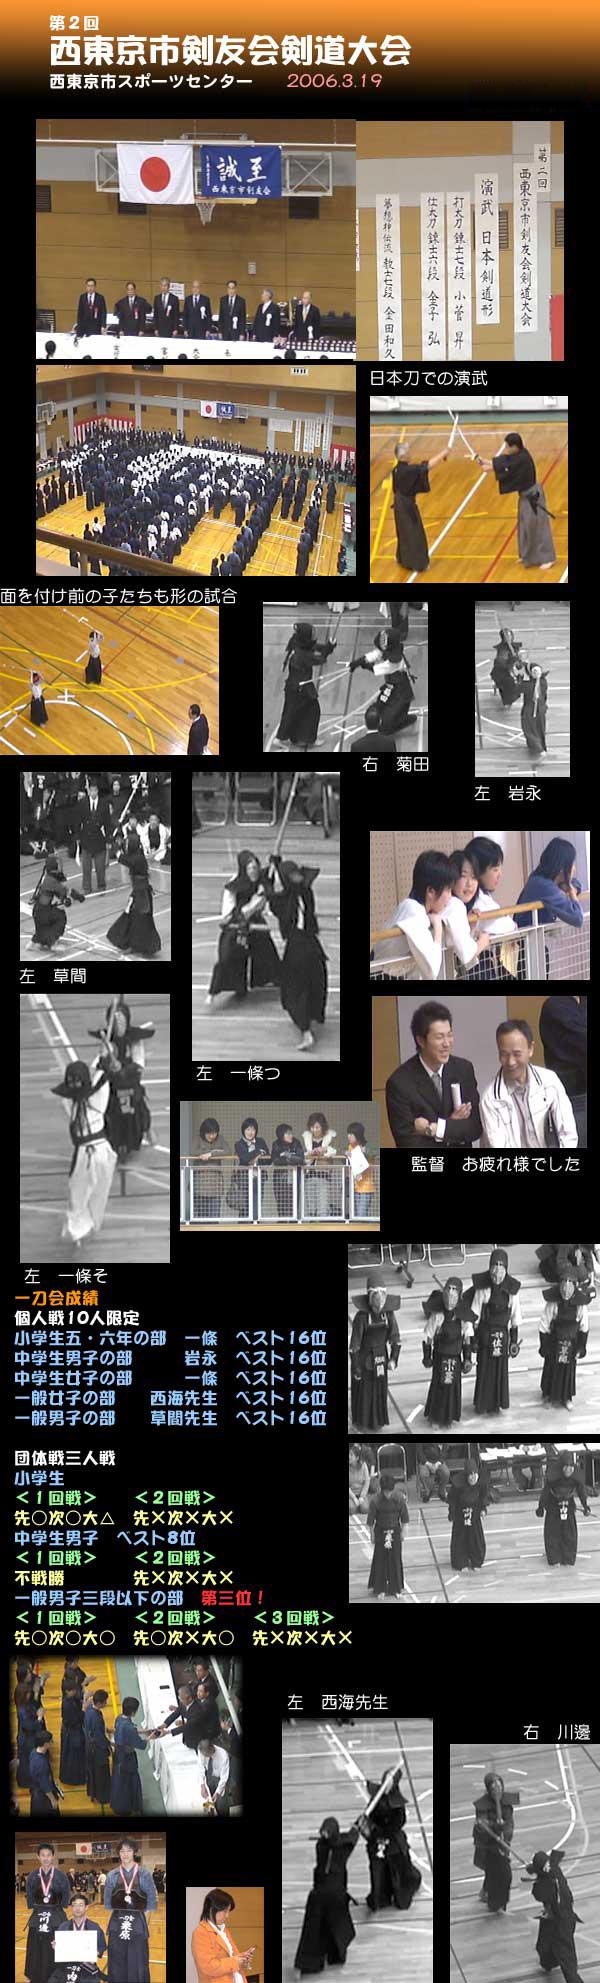 2006_3_19nisitokyo